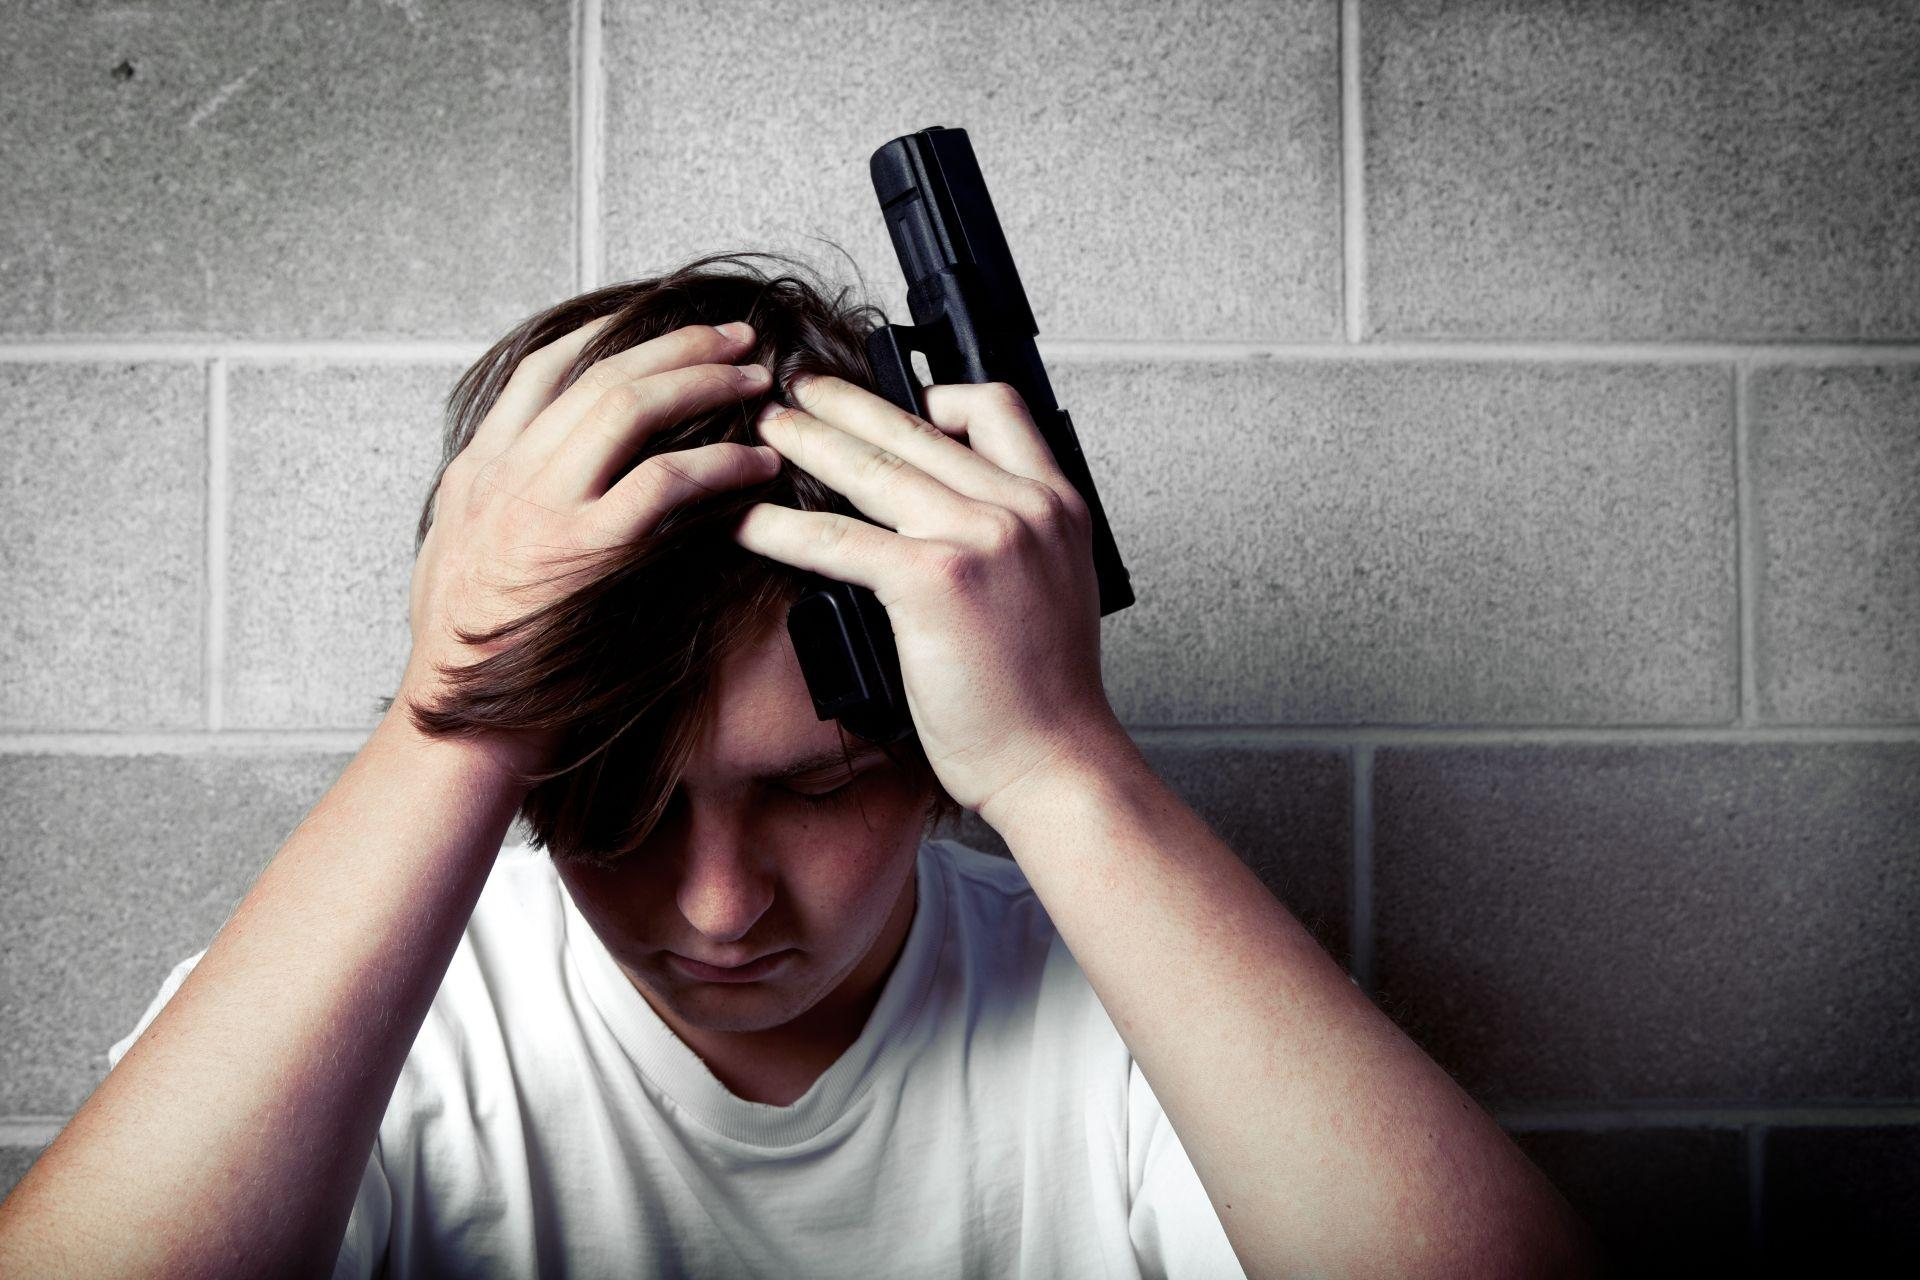 Магнитная стимуляция снизила суицидальные наклонности больных депрессией